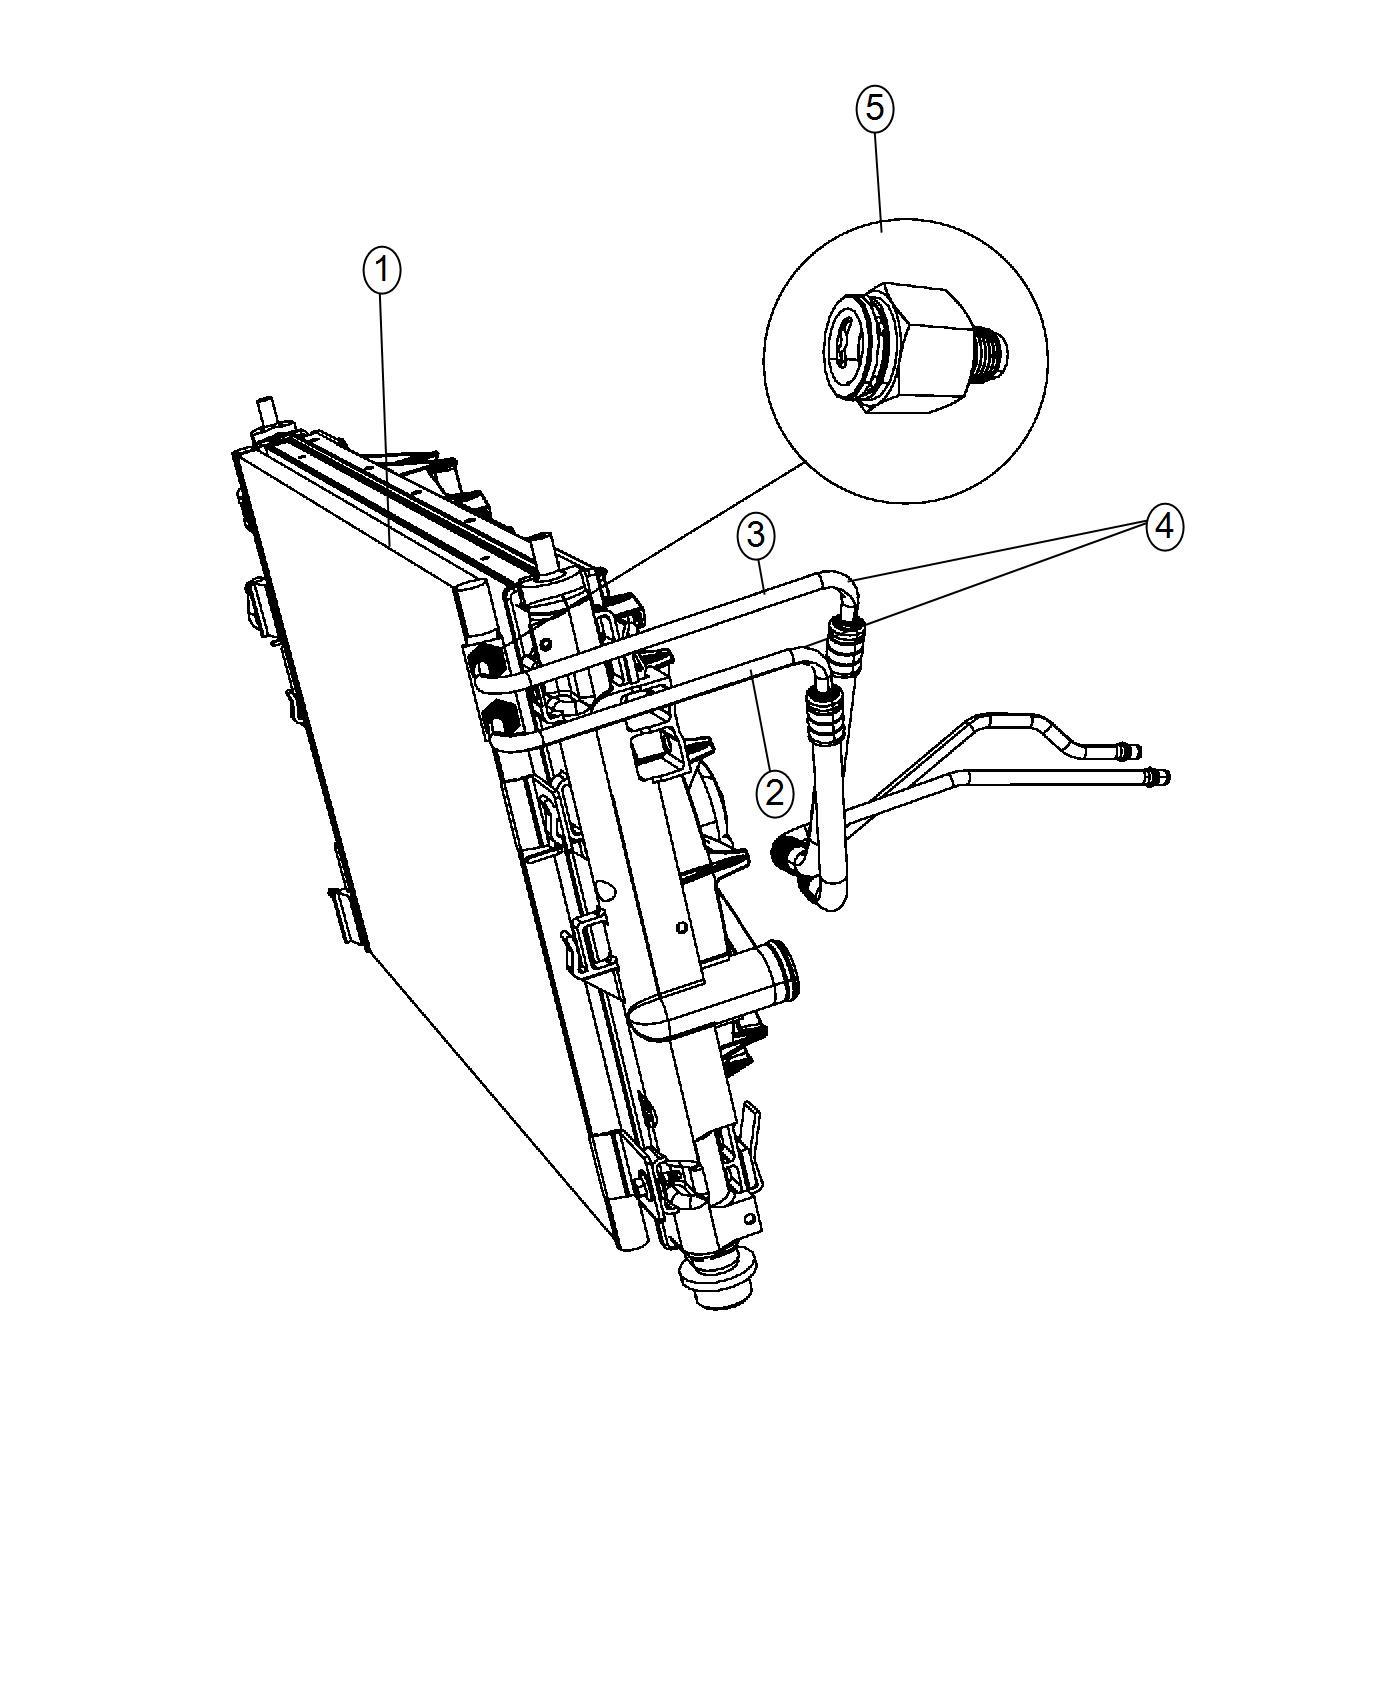 Chrysler Sebring Used For Hose And Tube Oil Cooler